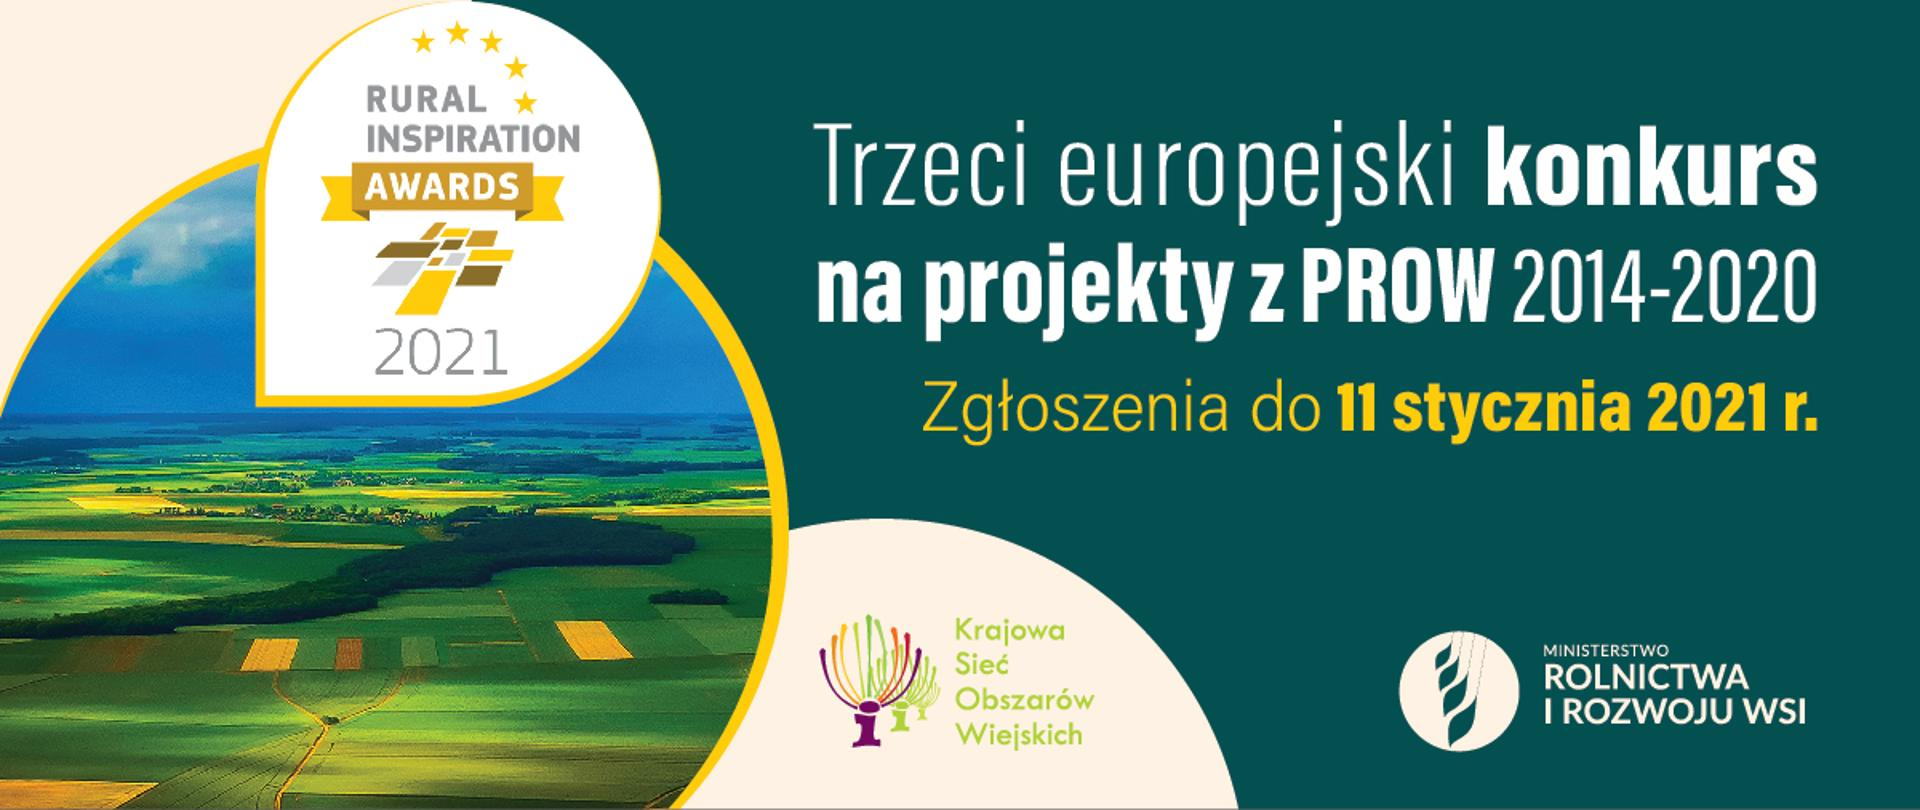 Zapraszamy do udziału w trzecim europejskim konkursie na projekty z PROW 2014-2020